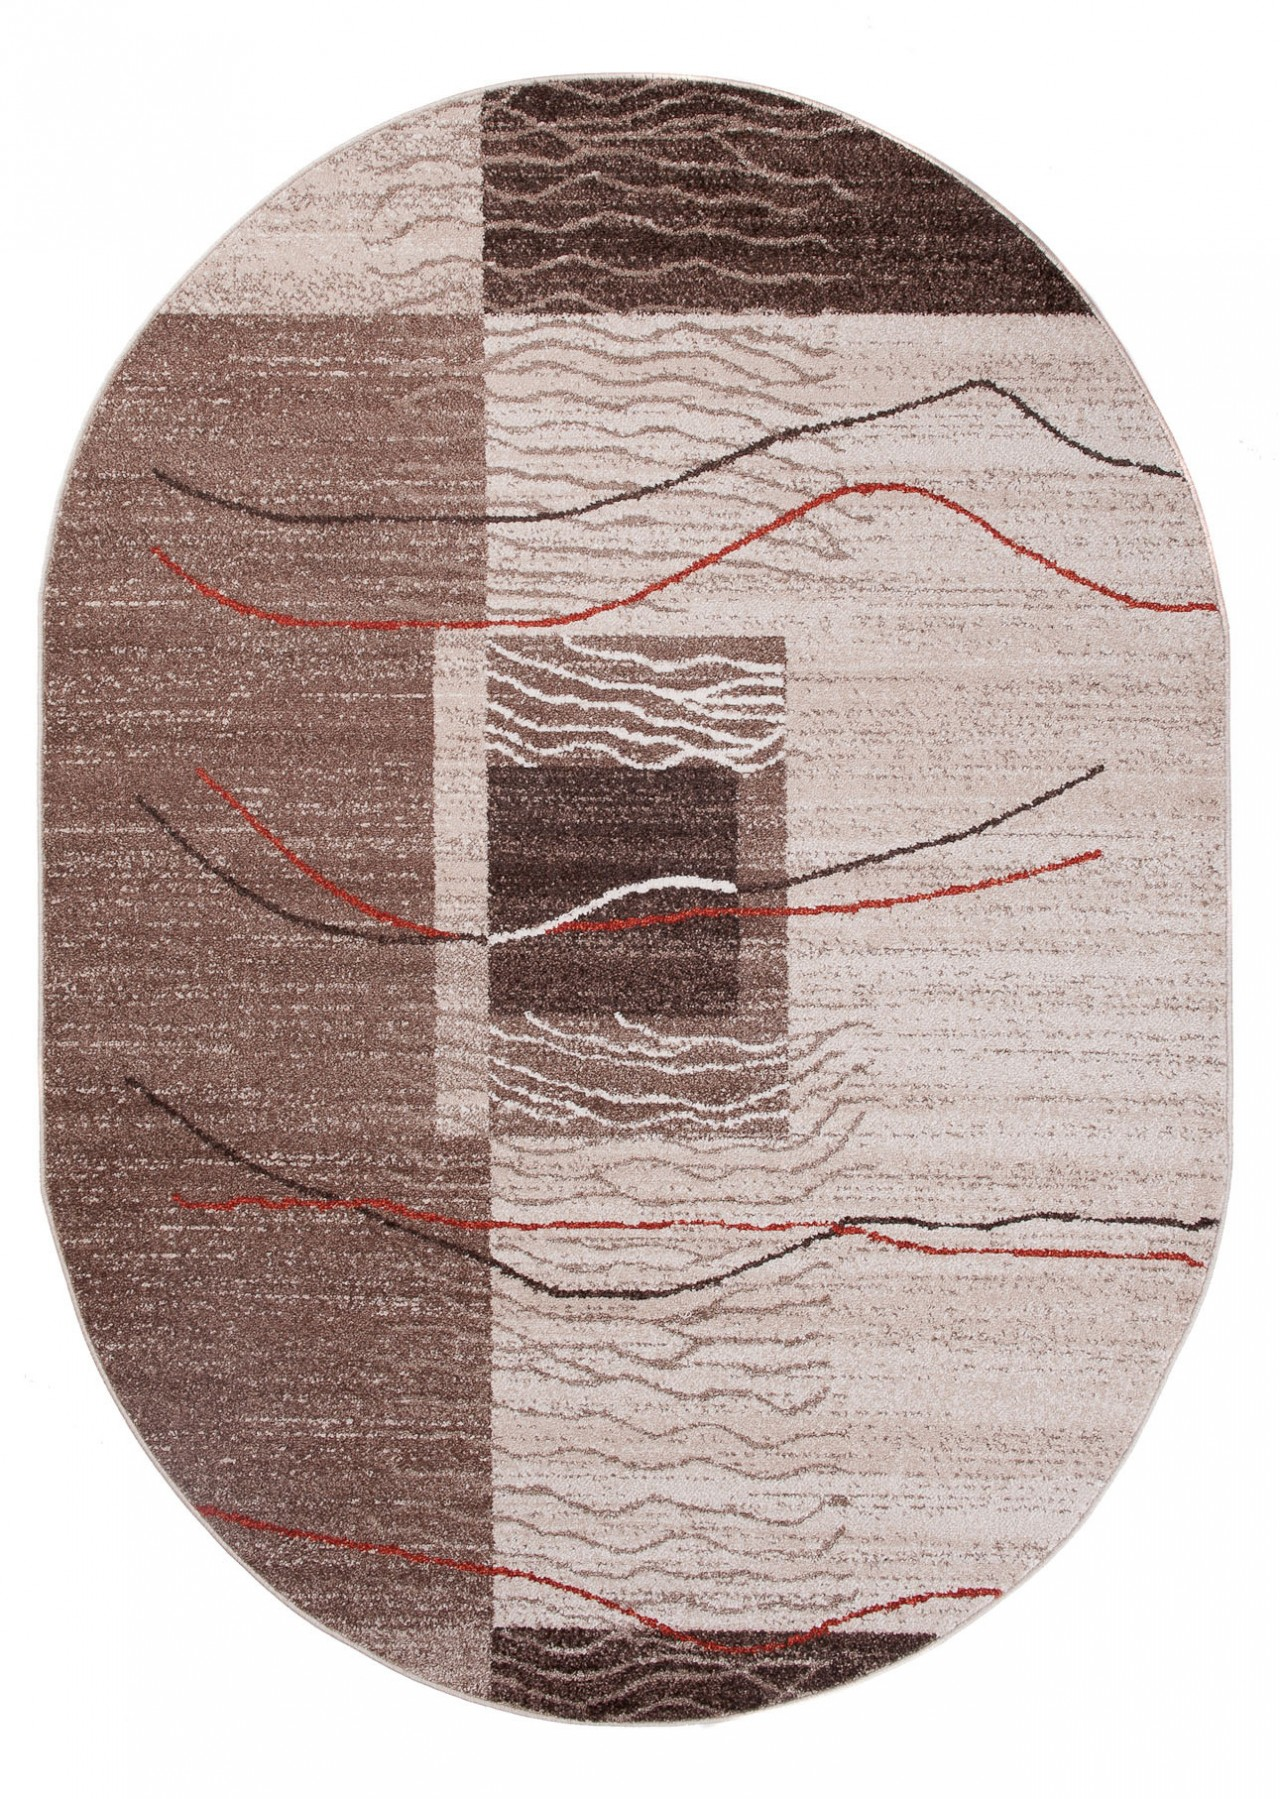 teppich wohnzimmer oval teppiche meliert kurzflor muster streifen farbe creme qualit t neu. Black Bedroom Furniture Sets. Home Design Ideas